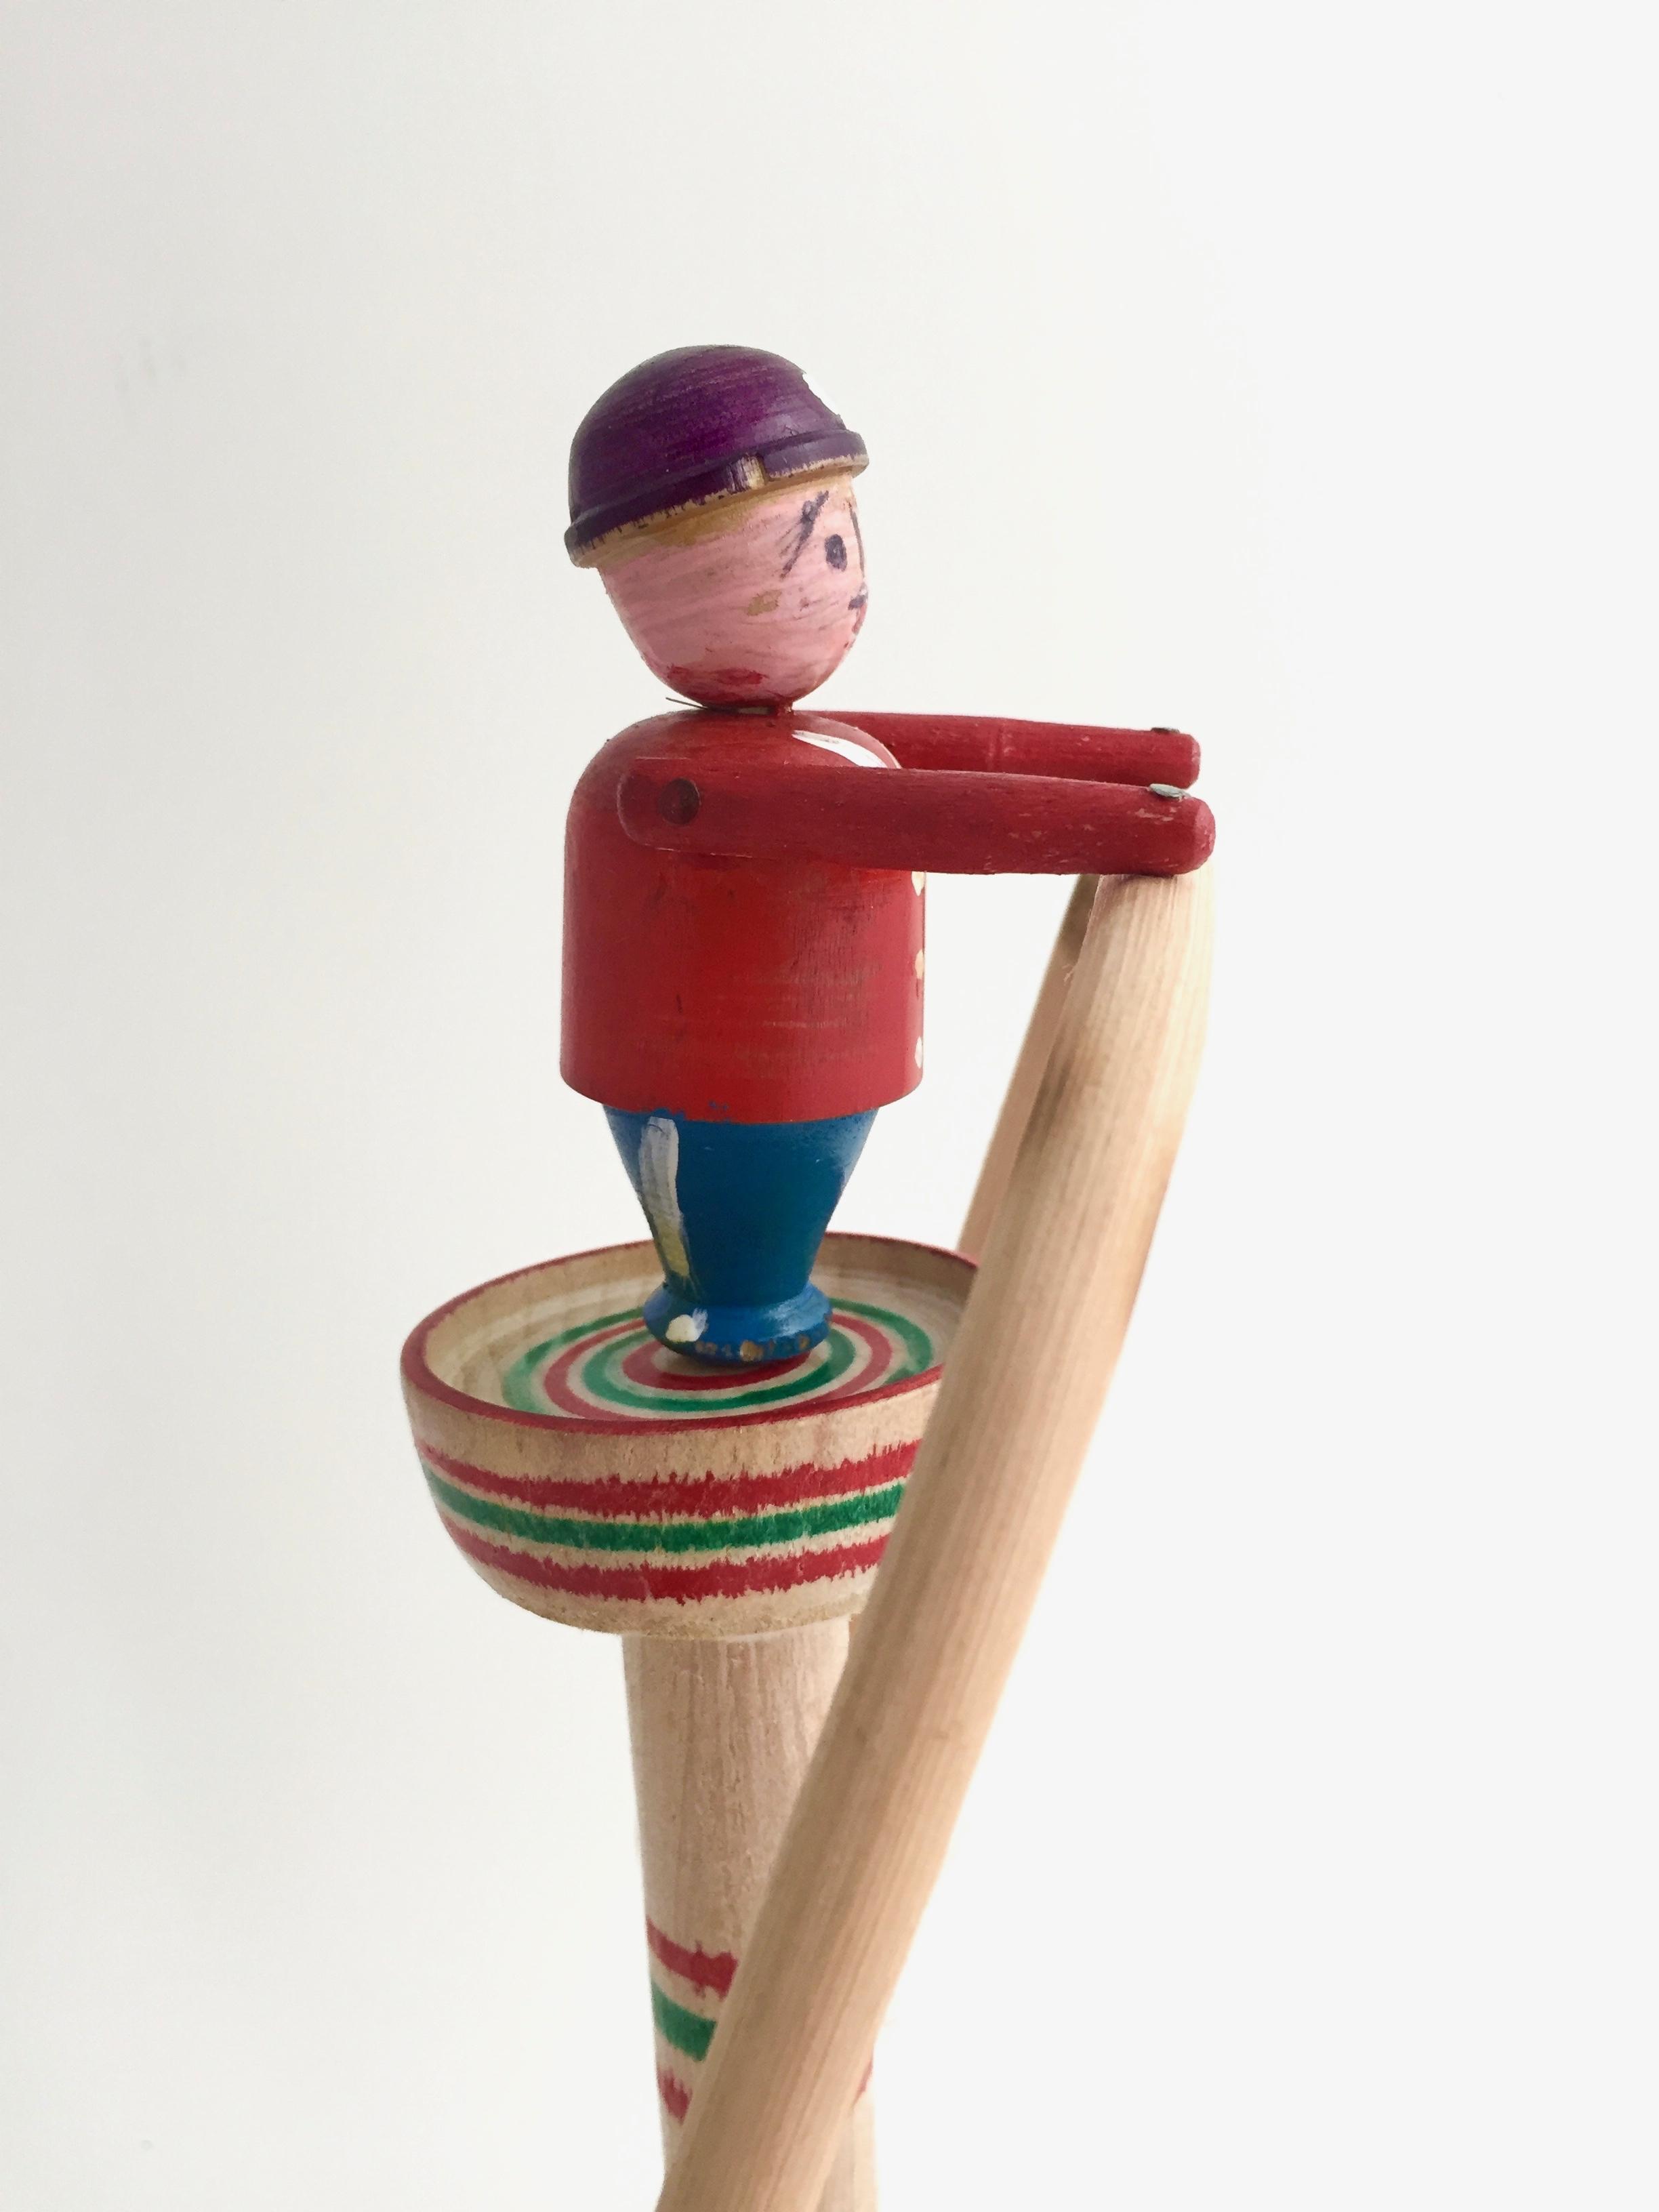 はりまや木地玩具「ヤジロベー」(あか色タイプ)